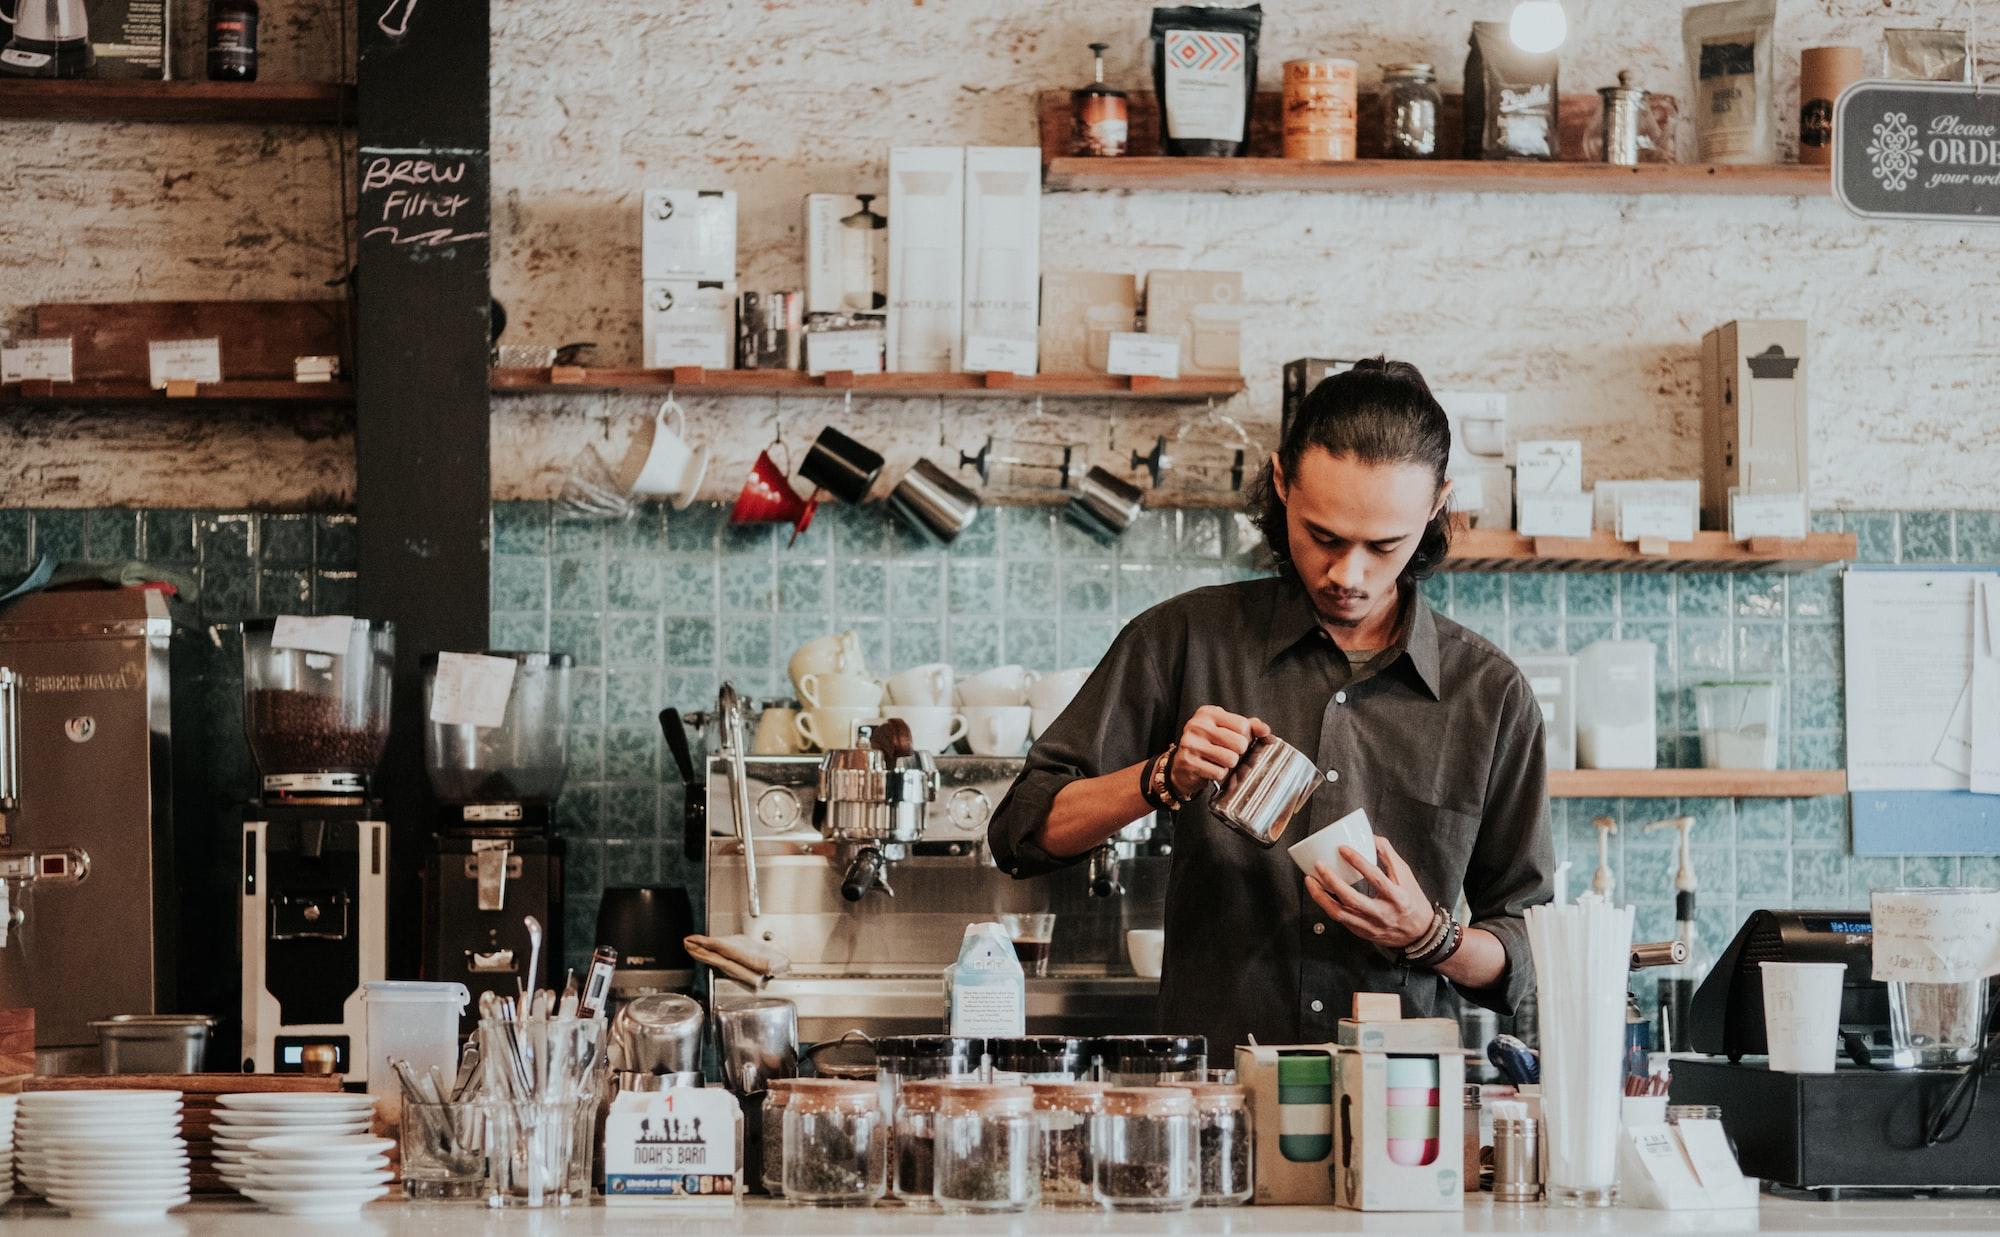 Easy Espresso tests: use Barista